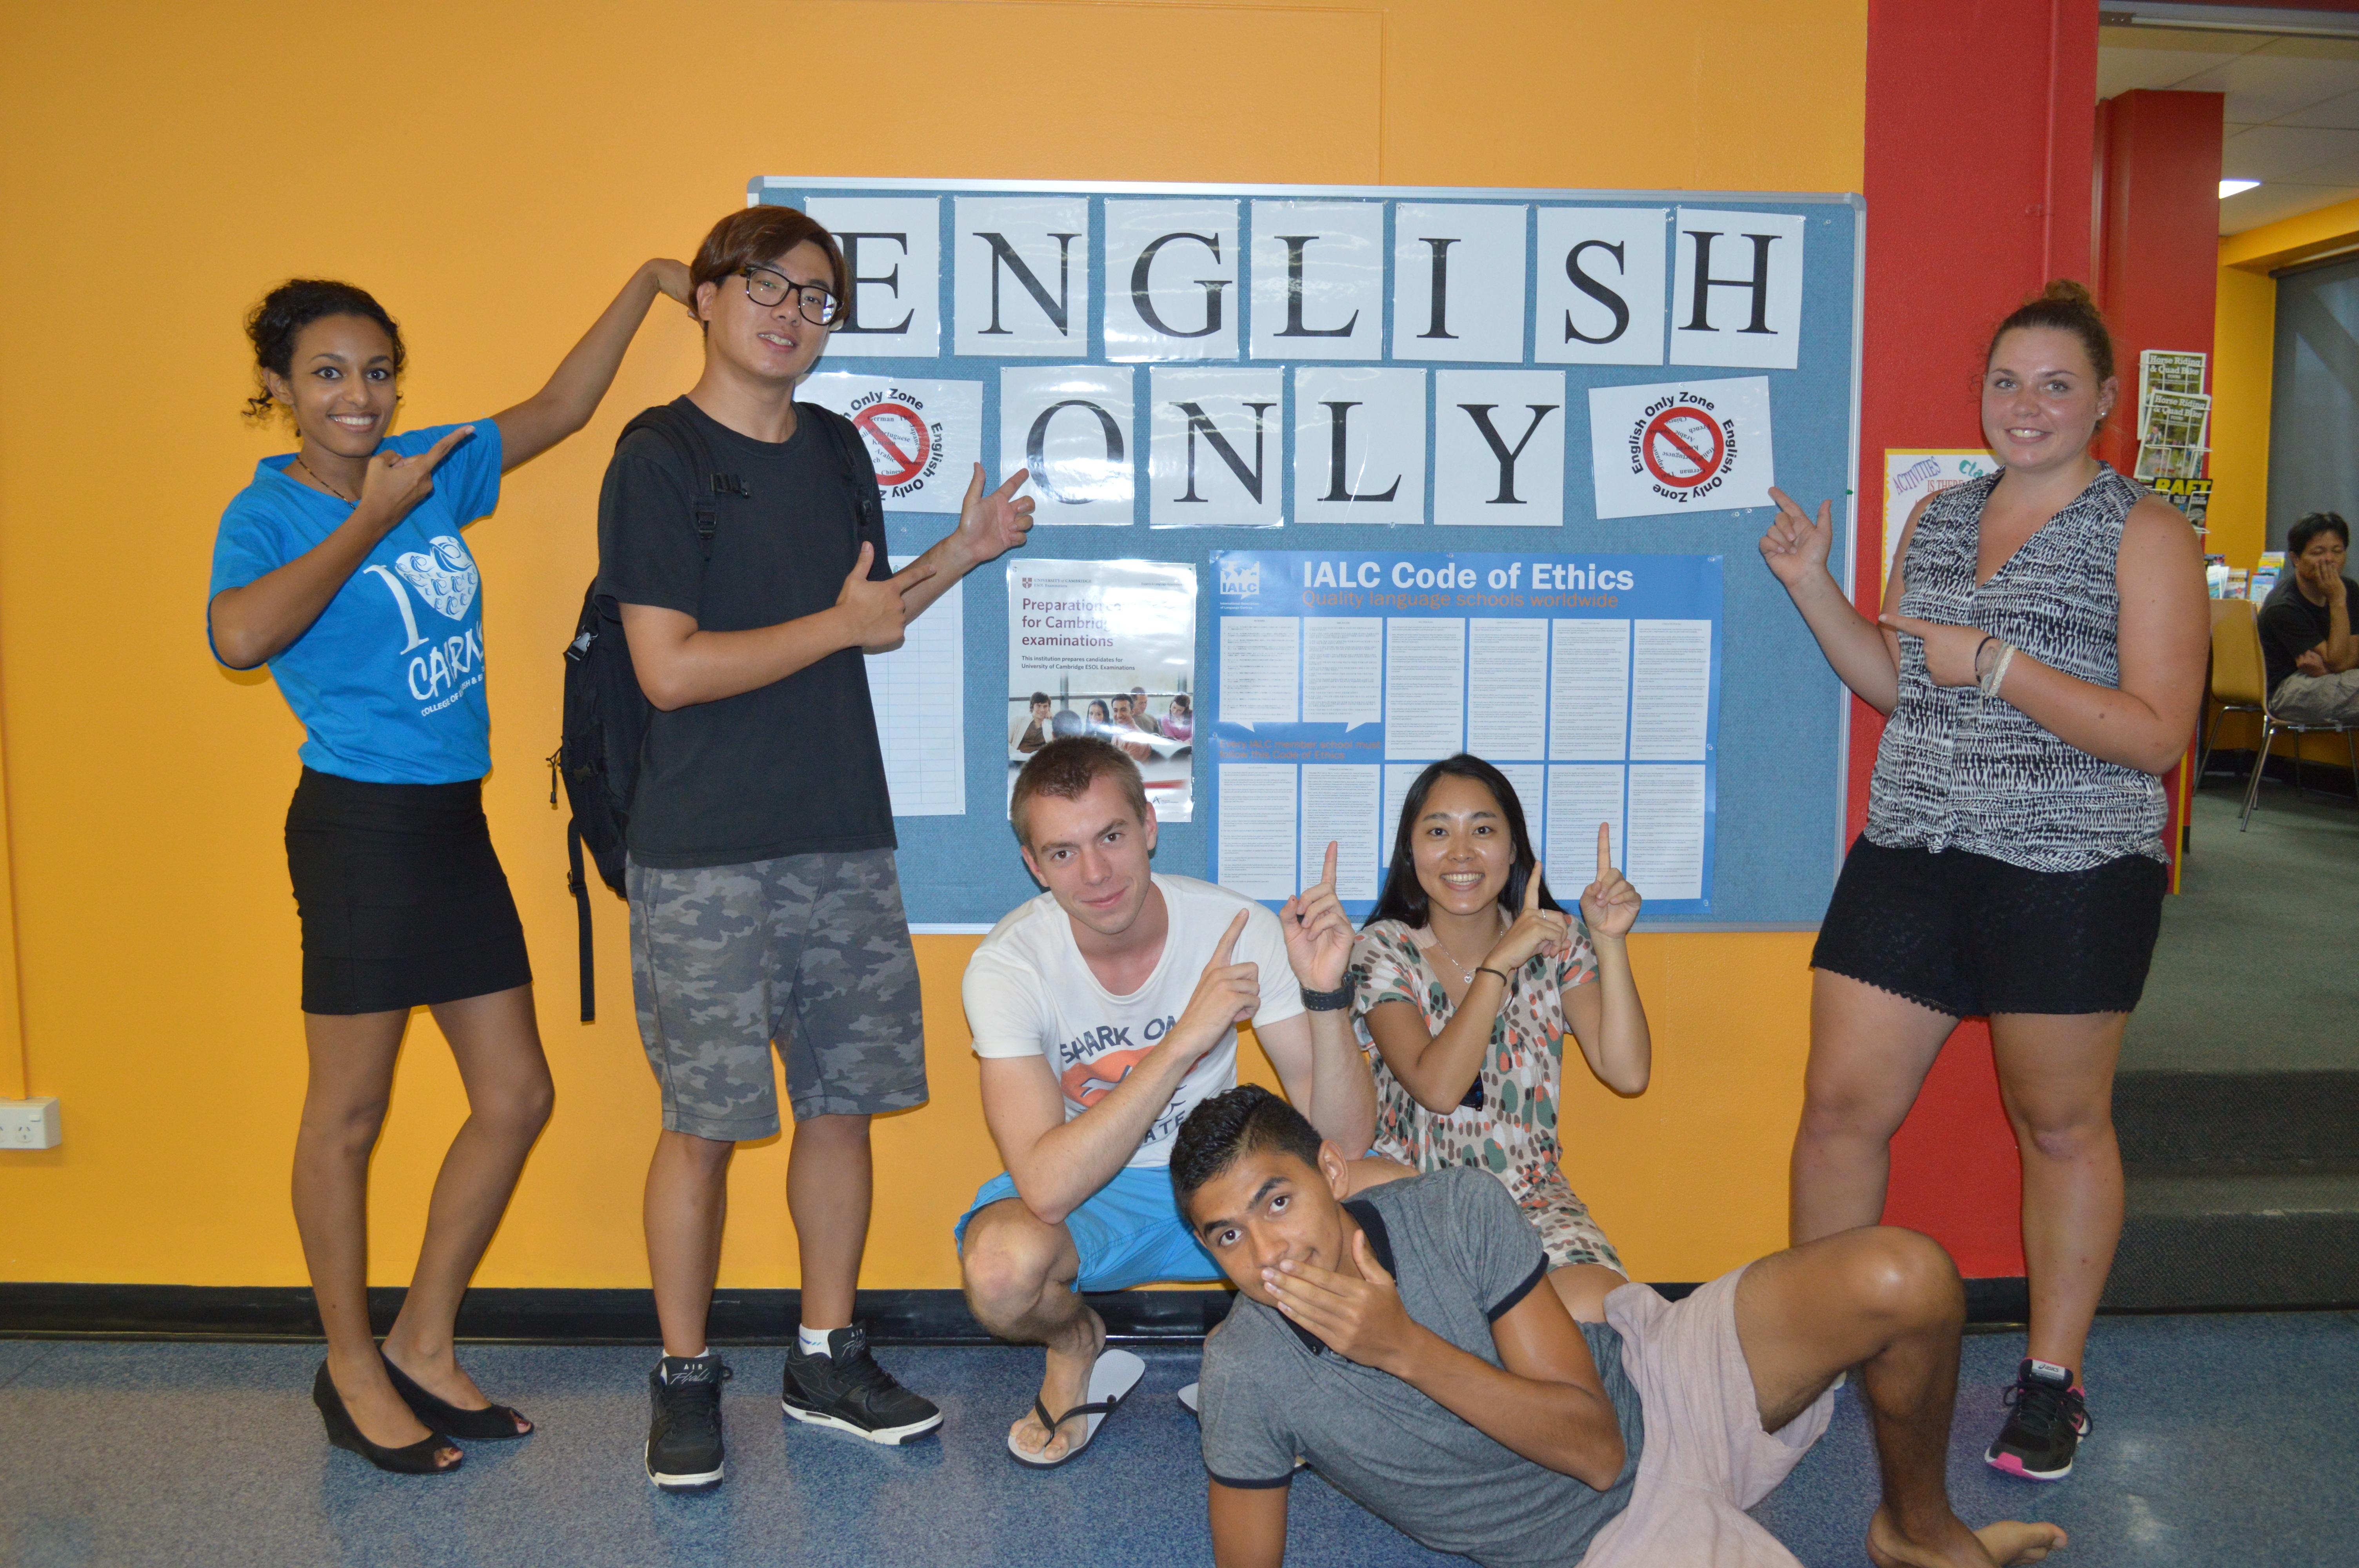 <h2><strong><u>おすすめ!IELTS</u><u>試験対策コース</u><u>をはじめとした英語コース</u></strong></h2> <p>IELTS試験対策コースは、受講された皆様から高得点取得の報告を多数いただいております。</p> <p>一般英語コースは、ビギナーからアドバンスレベルまで細かくレベルわけされています。</p> <p>そのほかケンブリッジ試験対策コース及びカスタマーサービスコースを定期的に開講しております。</p> <h3><strong><u></u><u>☆ポイント☆</u></strong></h3> <p>安心の担任制でしっかり上達が望めます。</p> <p>オーストラリア政府認定校です。NEAS及びIALCの認定校で質の高さが保証されています。</p> <p>学生・ワーキングホリデー・観光・永住等のビザをお持ちの16歳以上の方ならご受講いただけます。</p> <p><u></u></p> <h2><strong><u>英語だけじゃない!VET</u><u>コース</u></strong></h2> <p>職業訓練の教育・トレーニングコース受講後オーストラリア国内で認められた修了証や資格免許を取得できます。</p> <p>ビジネスコースのほかホスピタリティ・ツーリズム・TESOL・チャイルドケア等Certificate III・IV &amp; Diplomaコースを</p> <p>定期的に開講しております。</p> <h3><strong><u></u><u>☆ポイント☆</u></strong></h3> <p>出席日数(週2日~)も少なく,</p> <p>大学へのPathwayやスキル・知識を身につけ有利な就職活動など将来につながります。</p>